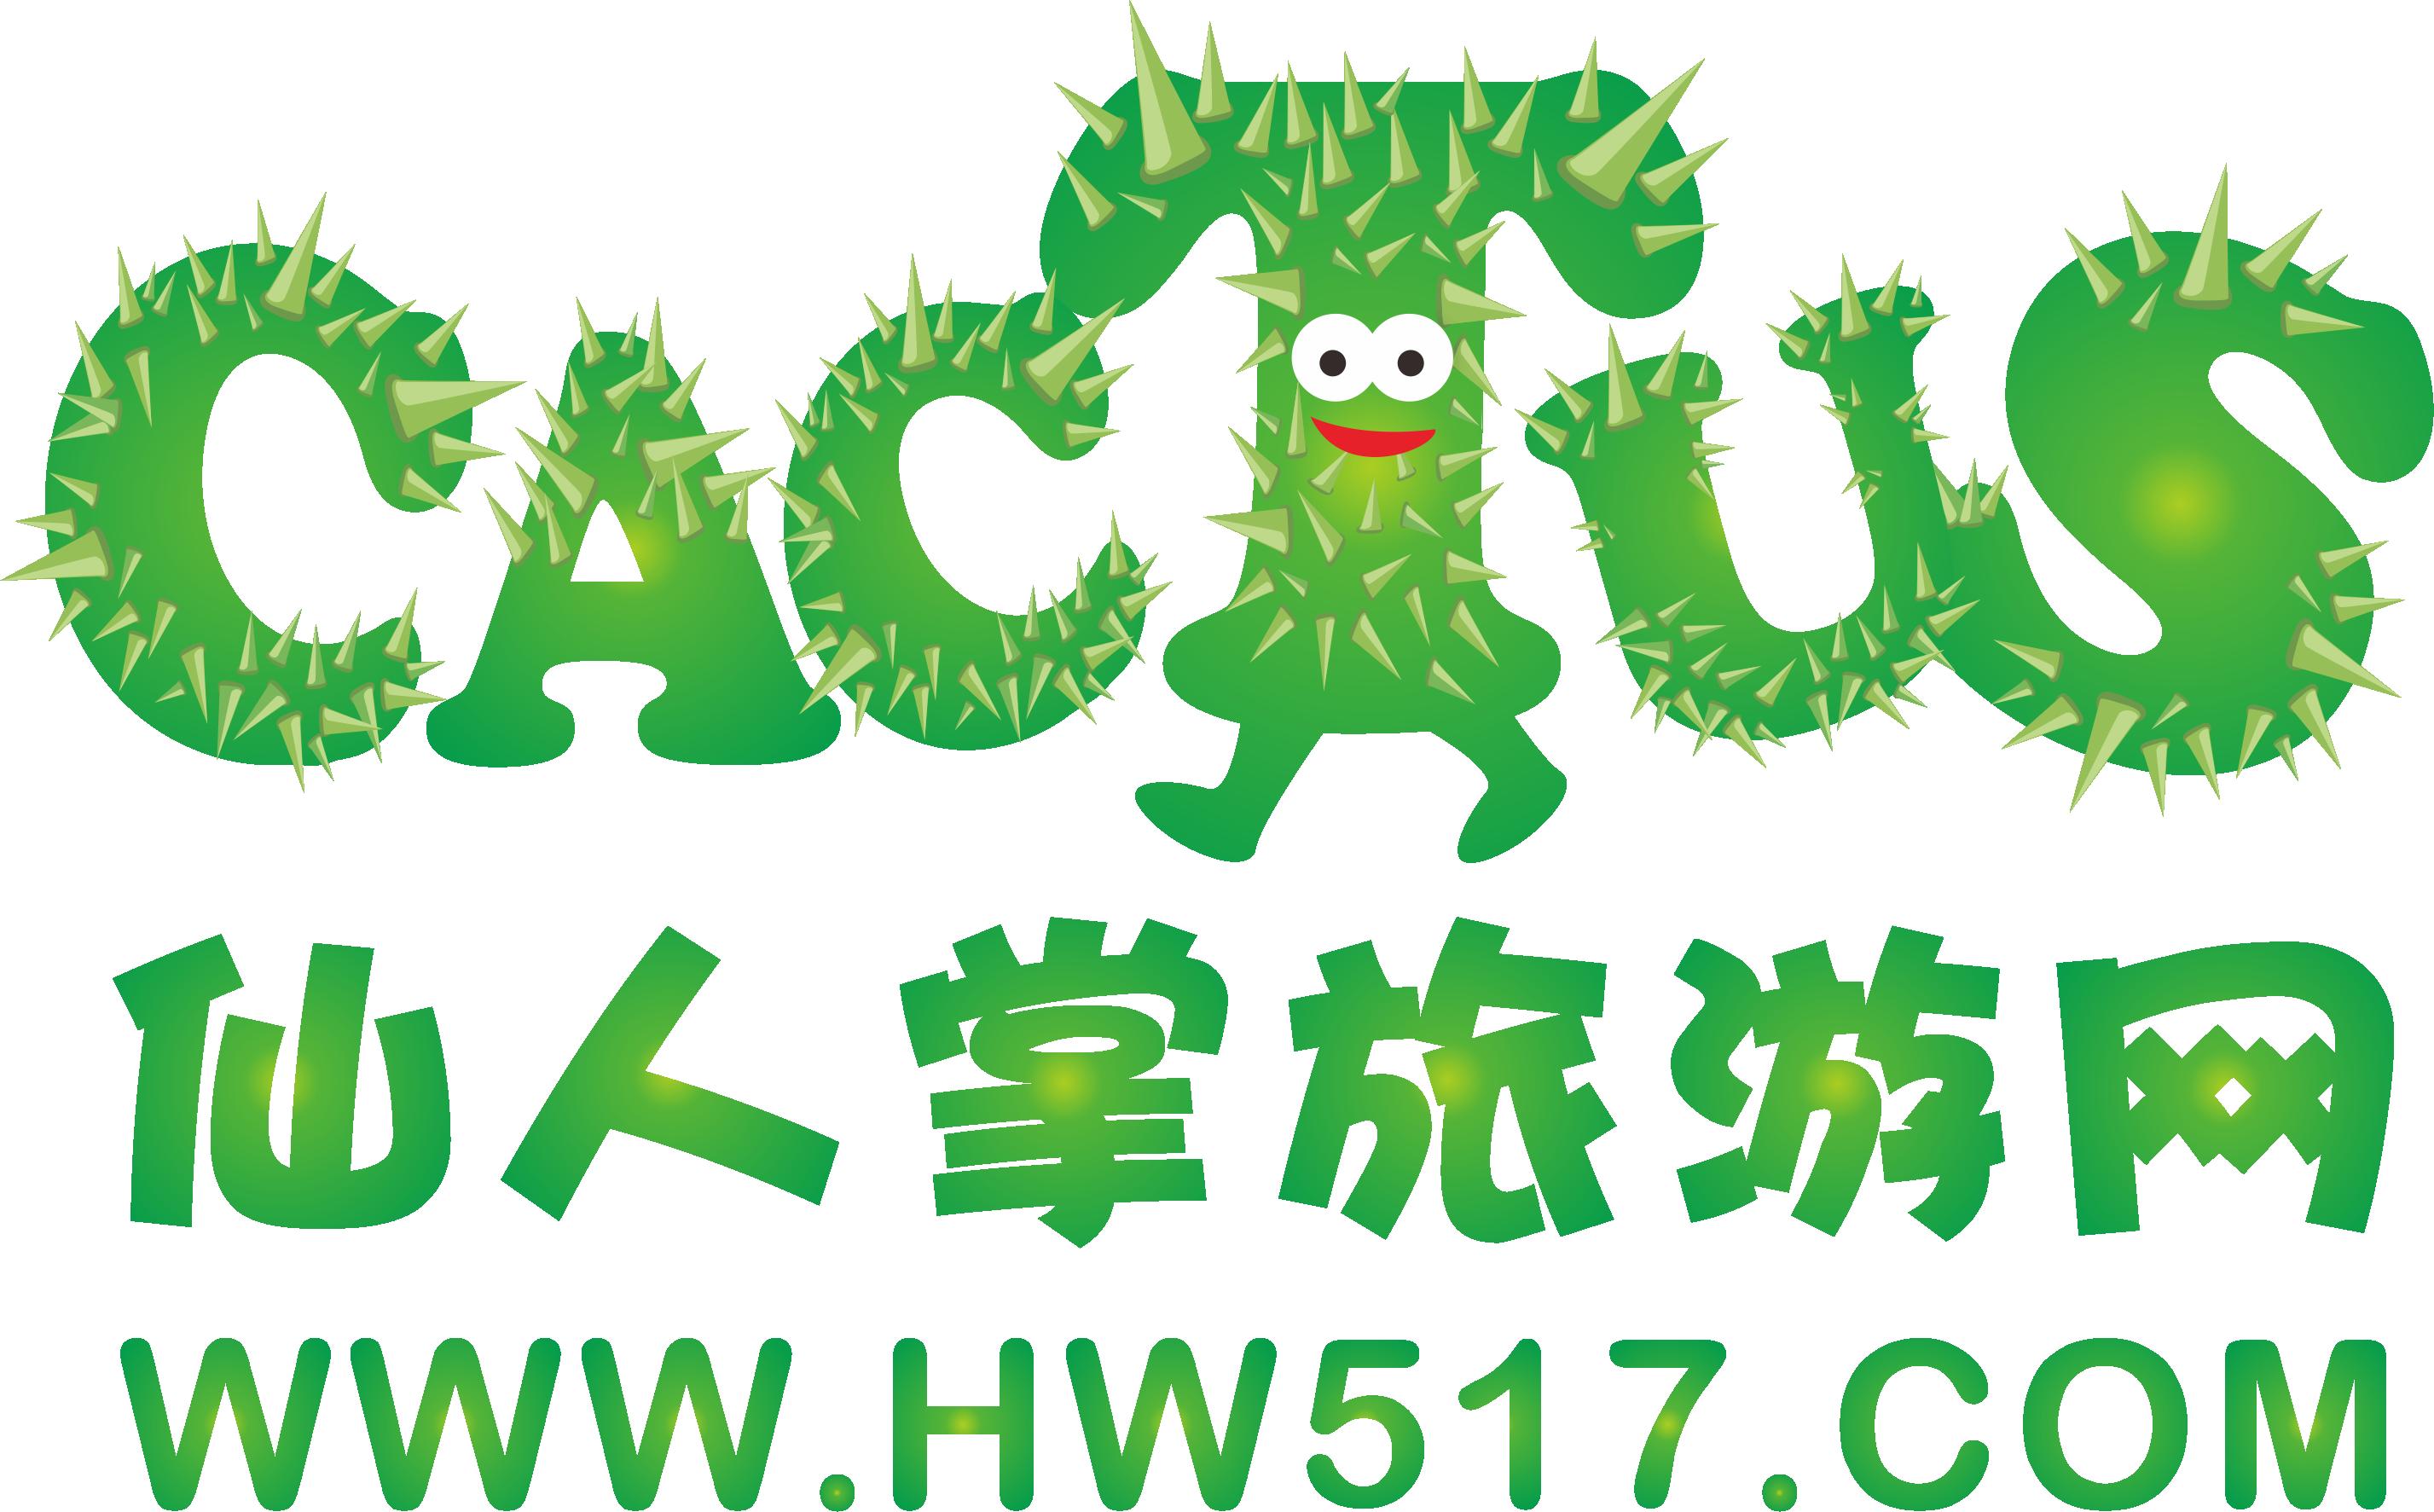 【仙人掌旅游】南京总统府、大屠杀纪念馆、秦淮风光二日游